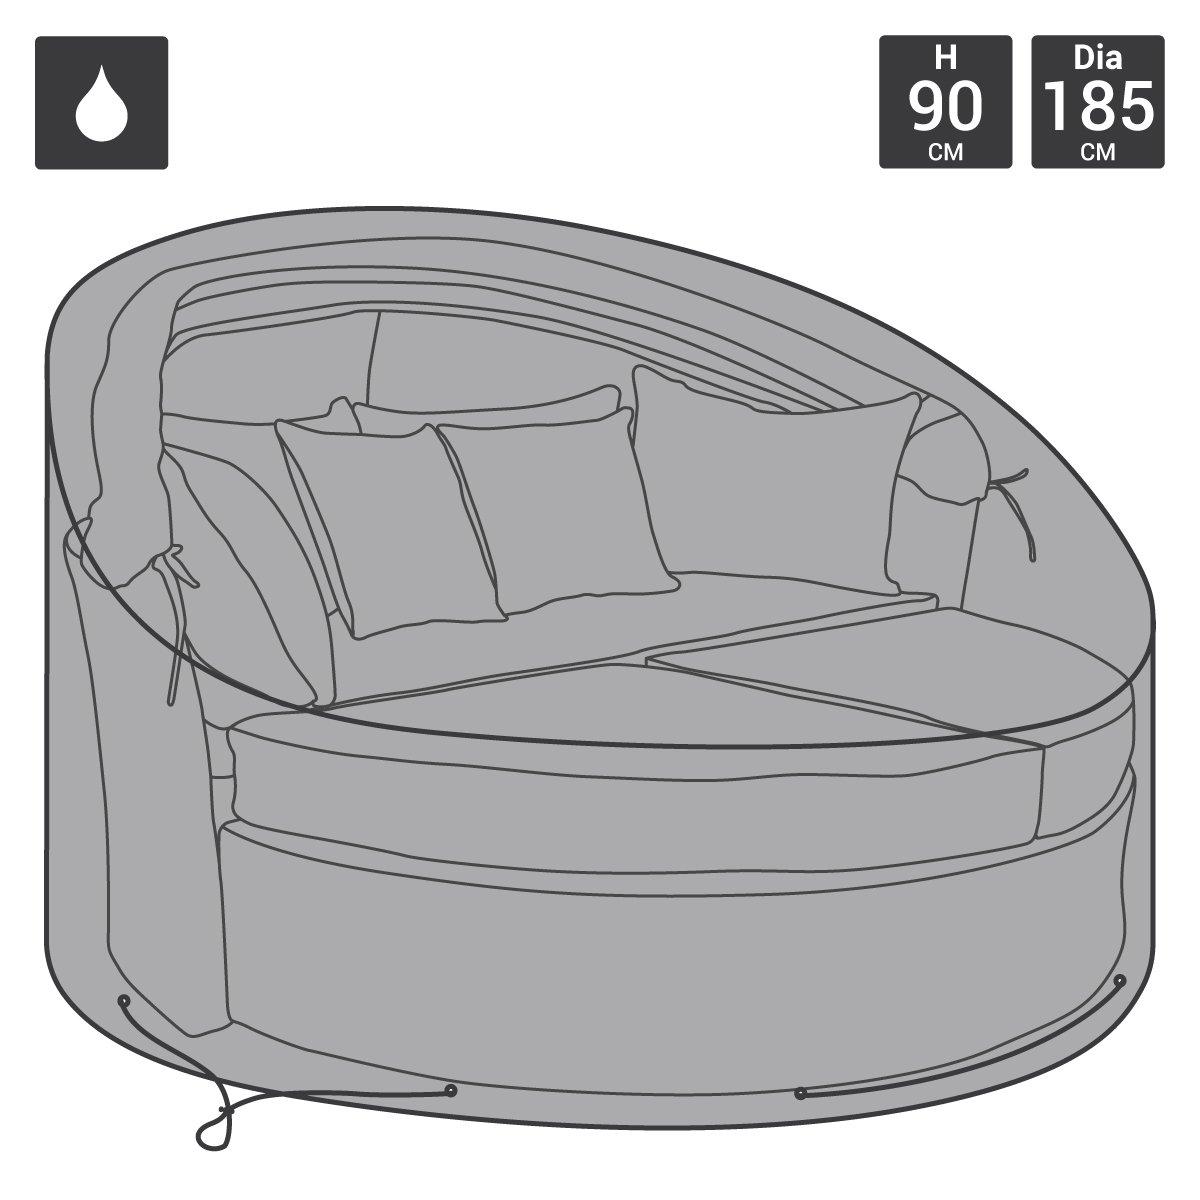 Bentley - Telo di protezione deluxe per letto in rattan da esterni Charles Bentley